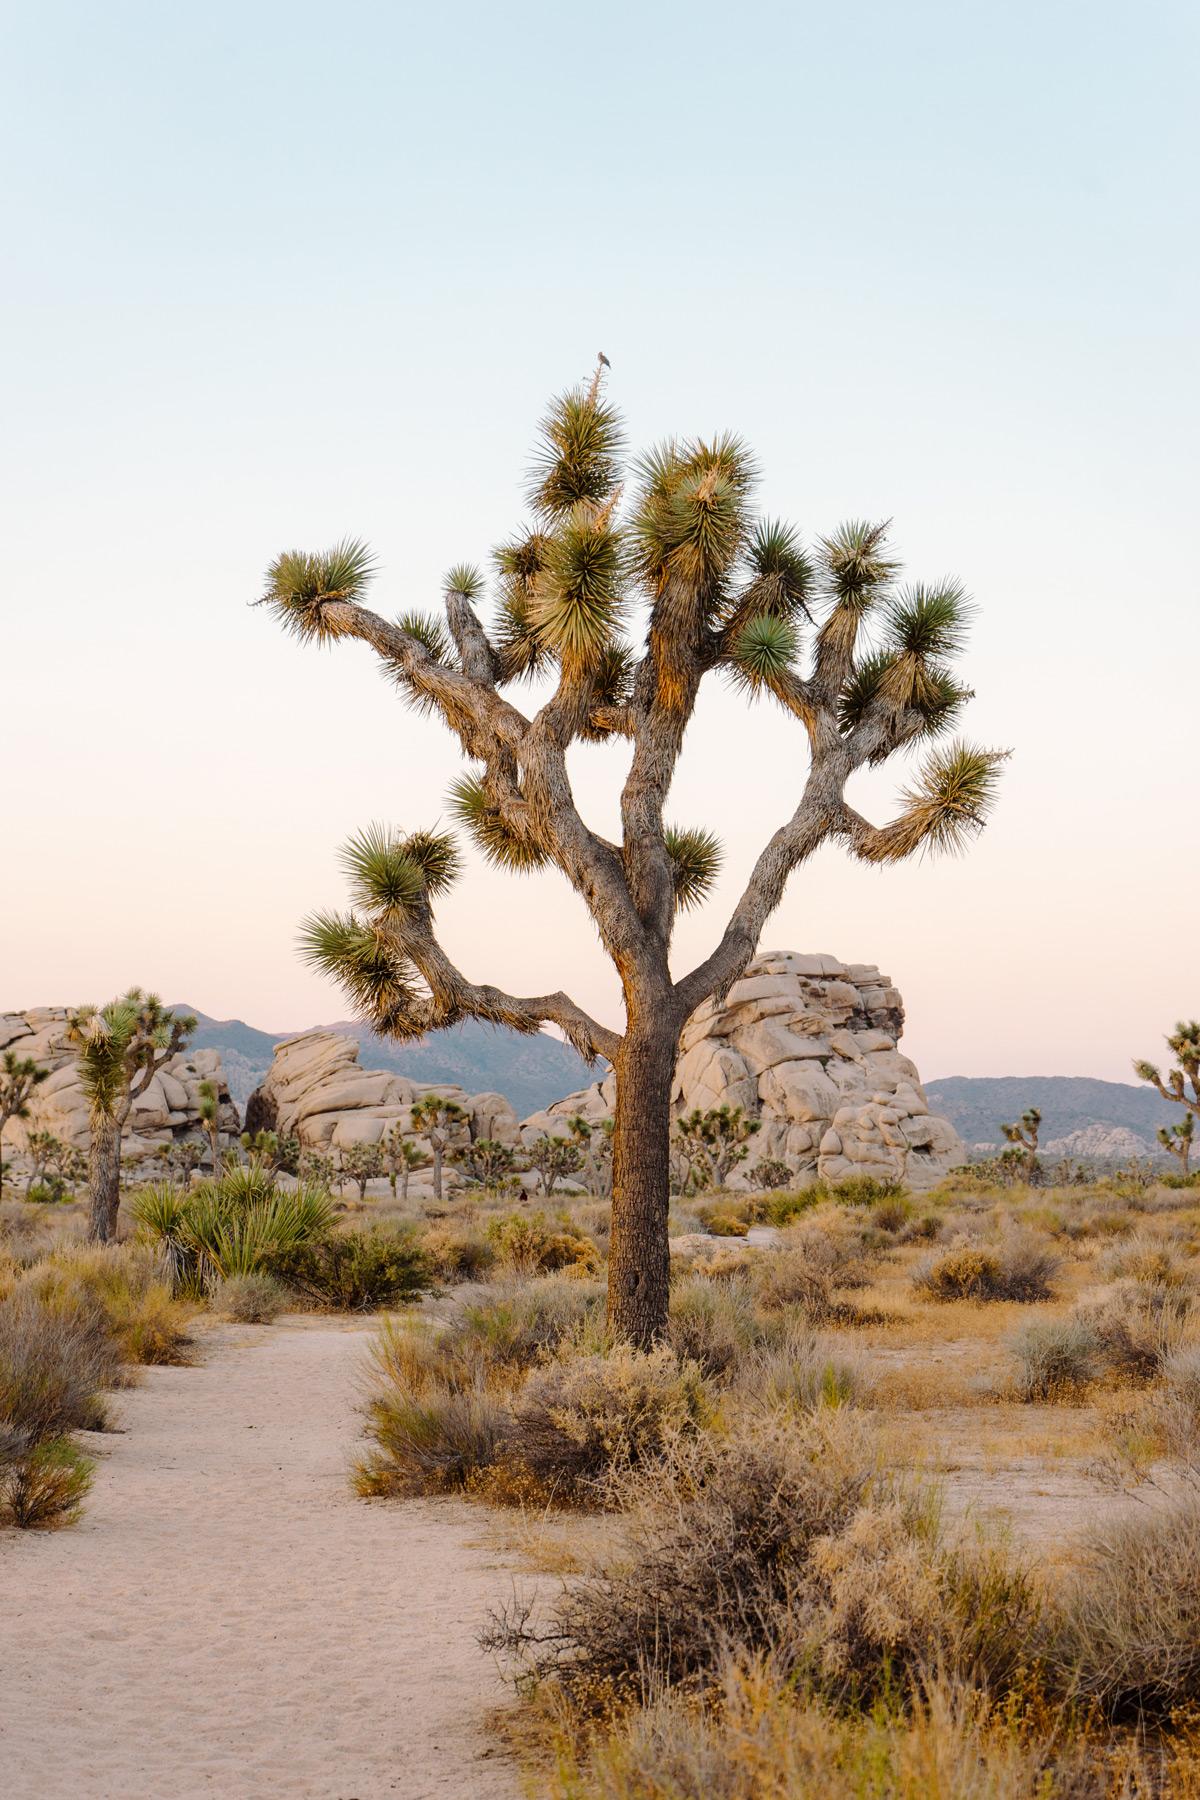 scott-snyder-photo-joshua-tree-10.jpg